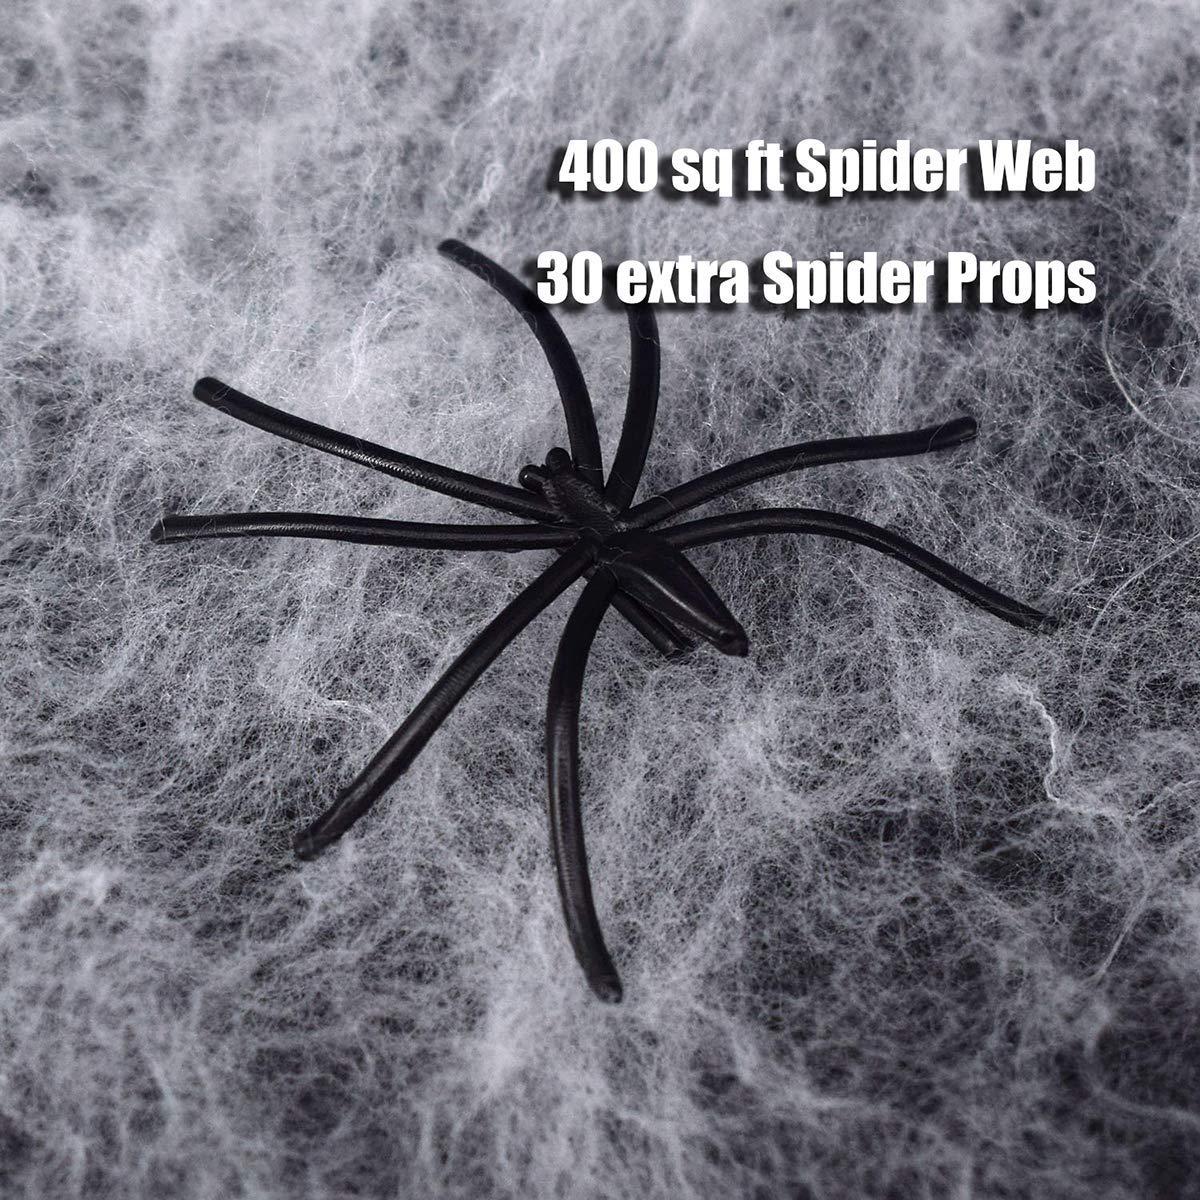 Cheap Fake Spider Webs Find Fake Spider Webs Deals On Line At